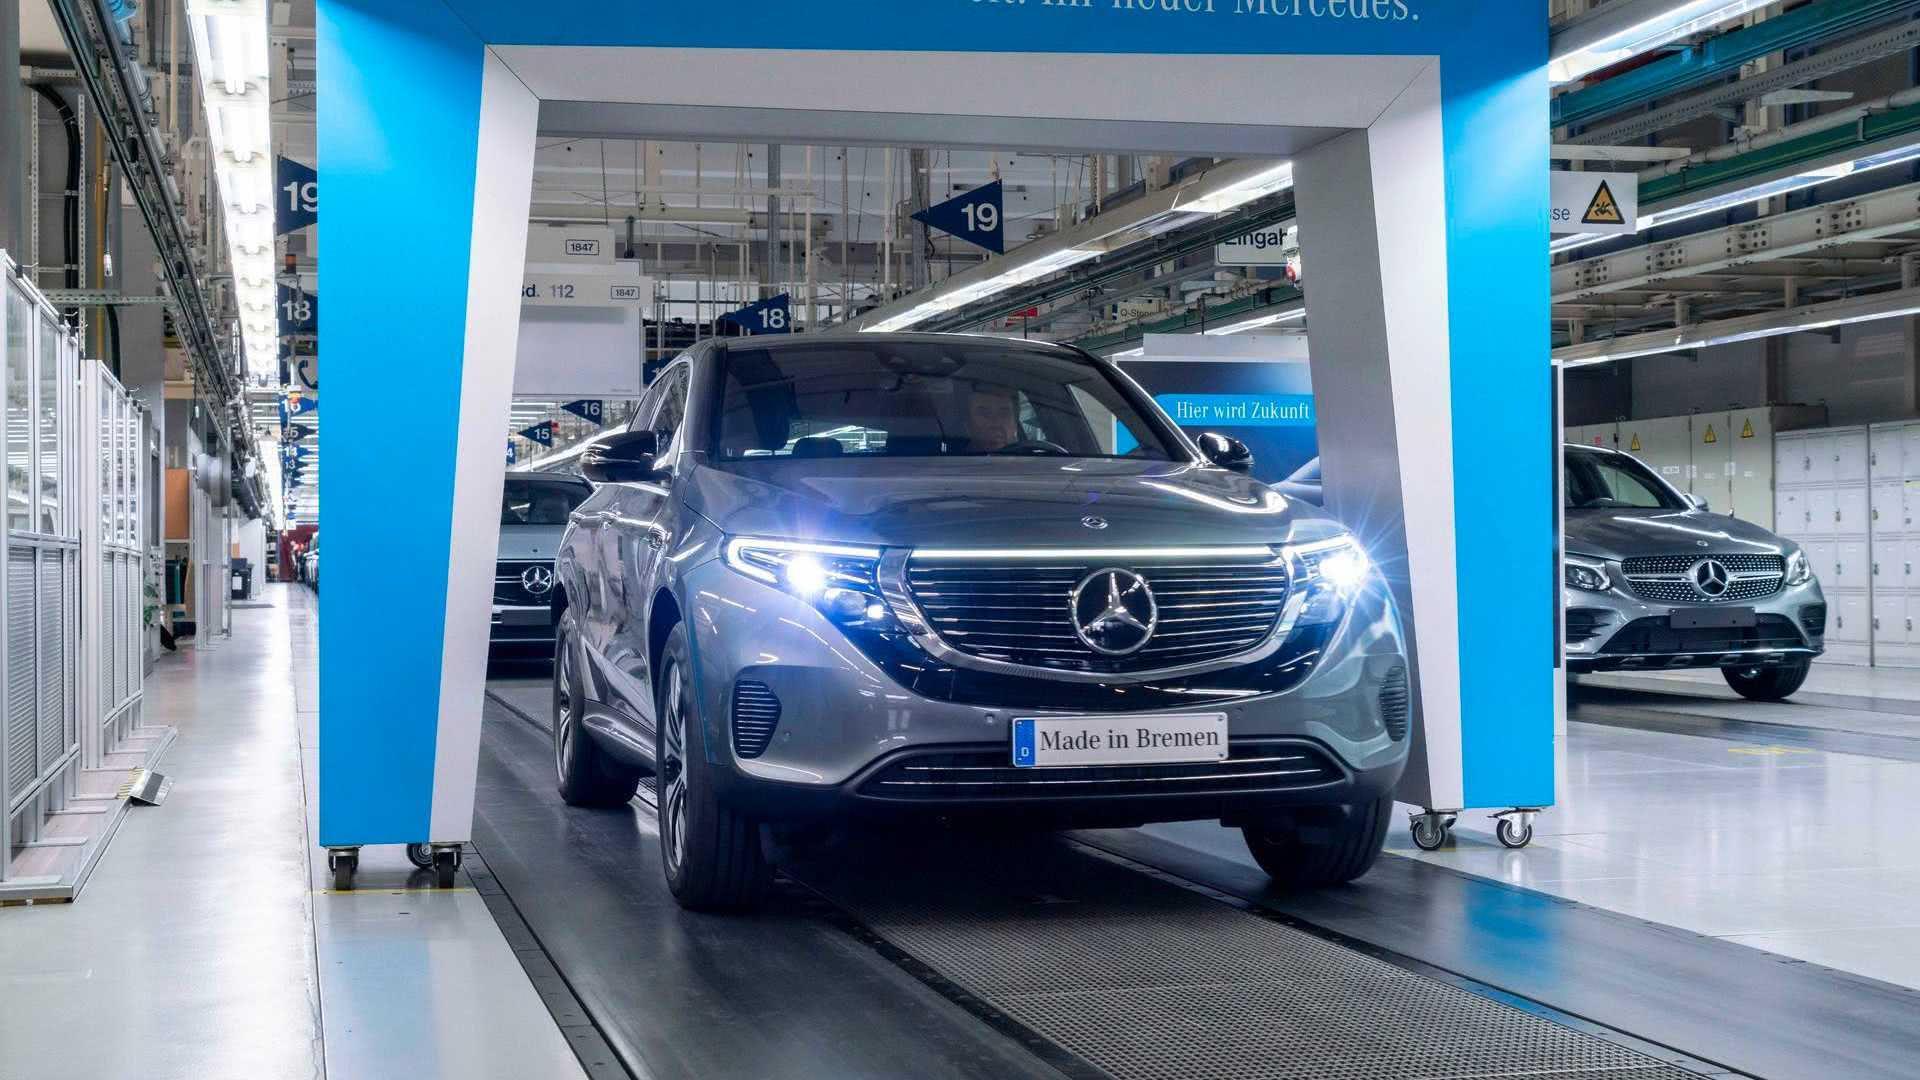 零百加速仅5.1秒,奔驰首款纯电车EQC正式量产下线!